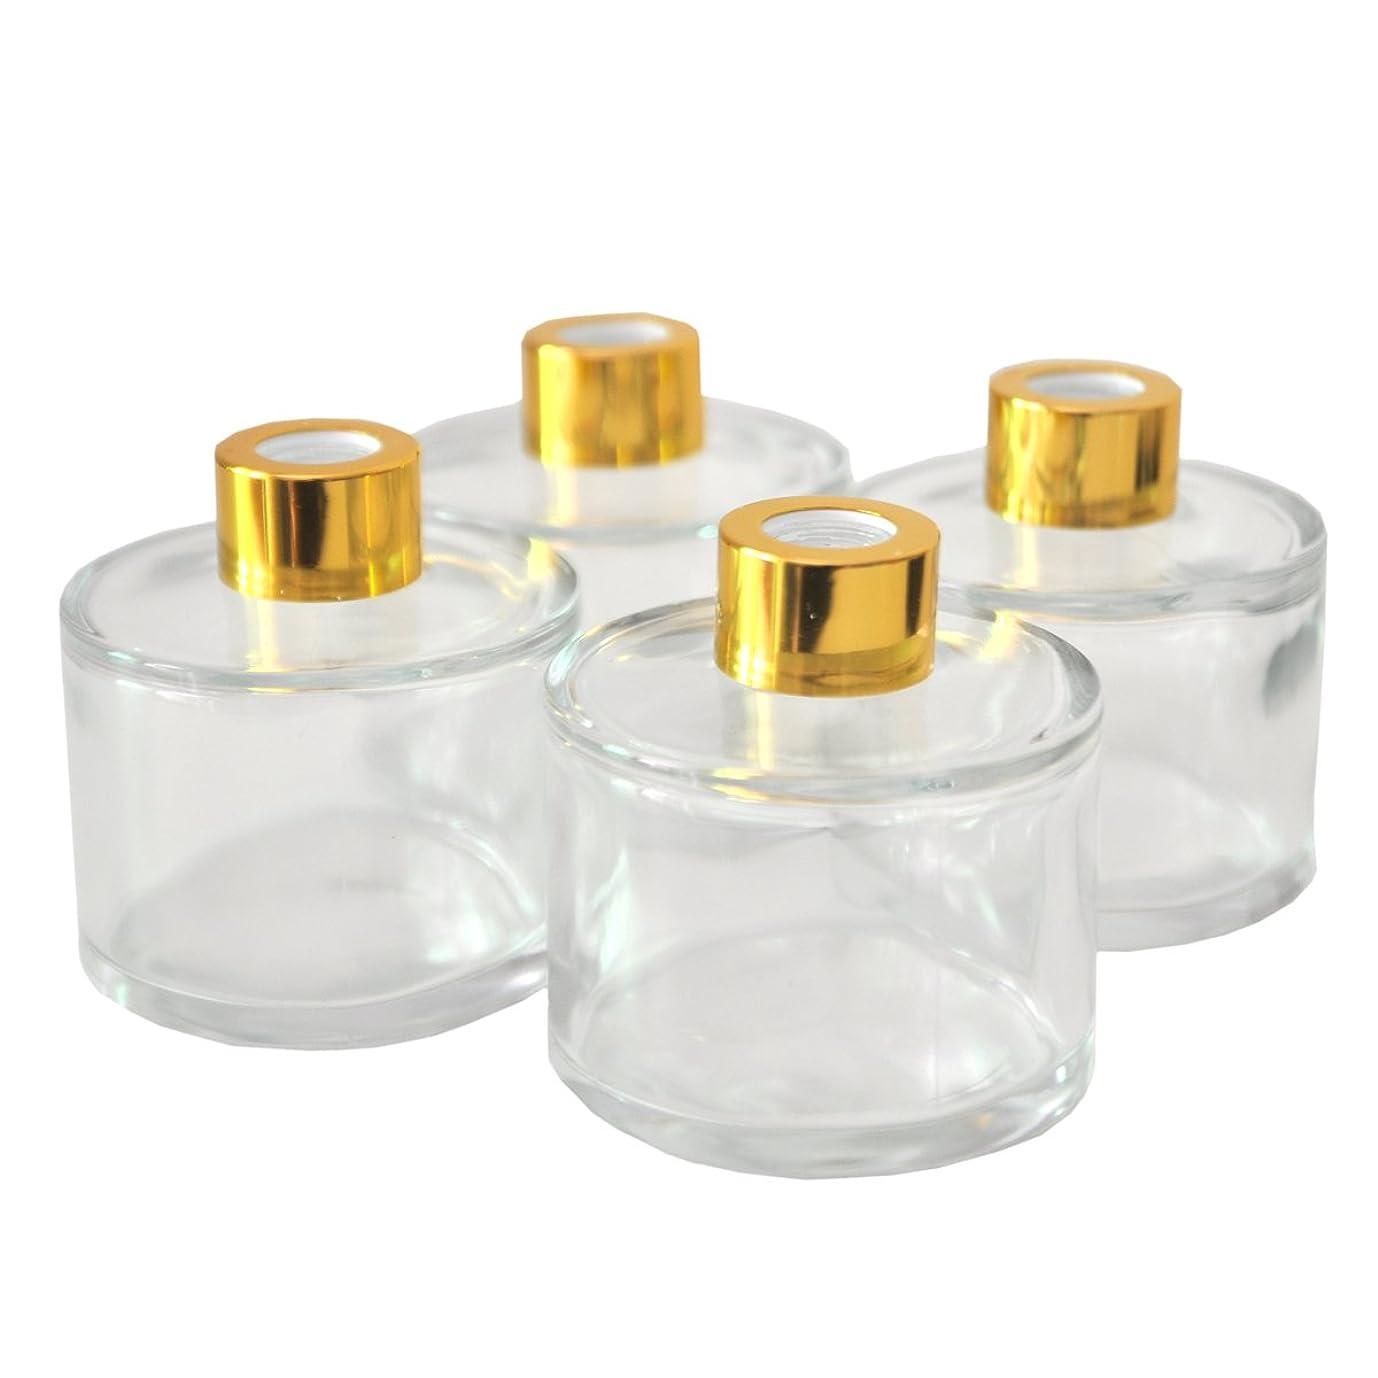 敬意欠点減るOugual 円柱ガラスディフューザーボトル 4本セット 7.3cm 高 100ml 香料アクセサリー エッセンシャルオイル用 #4